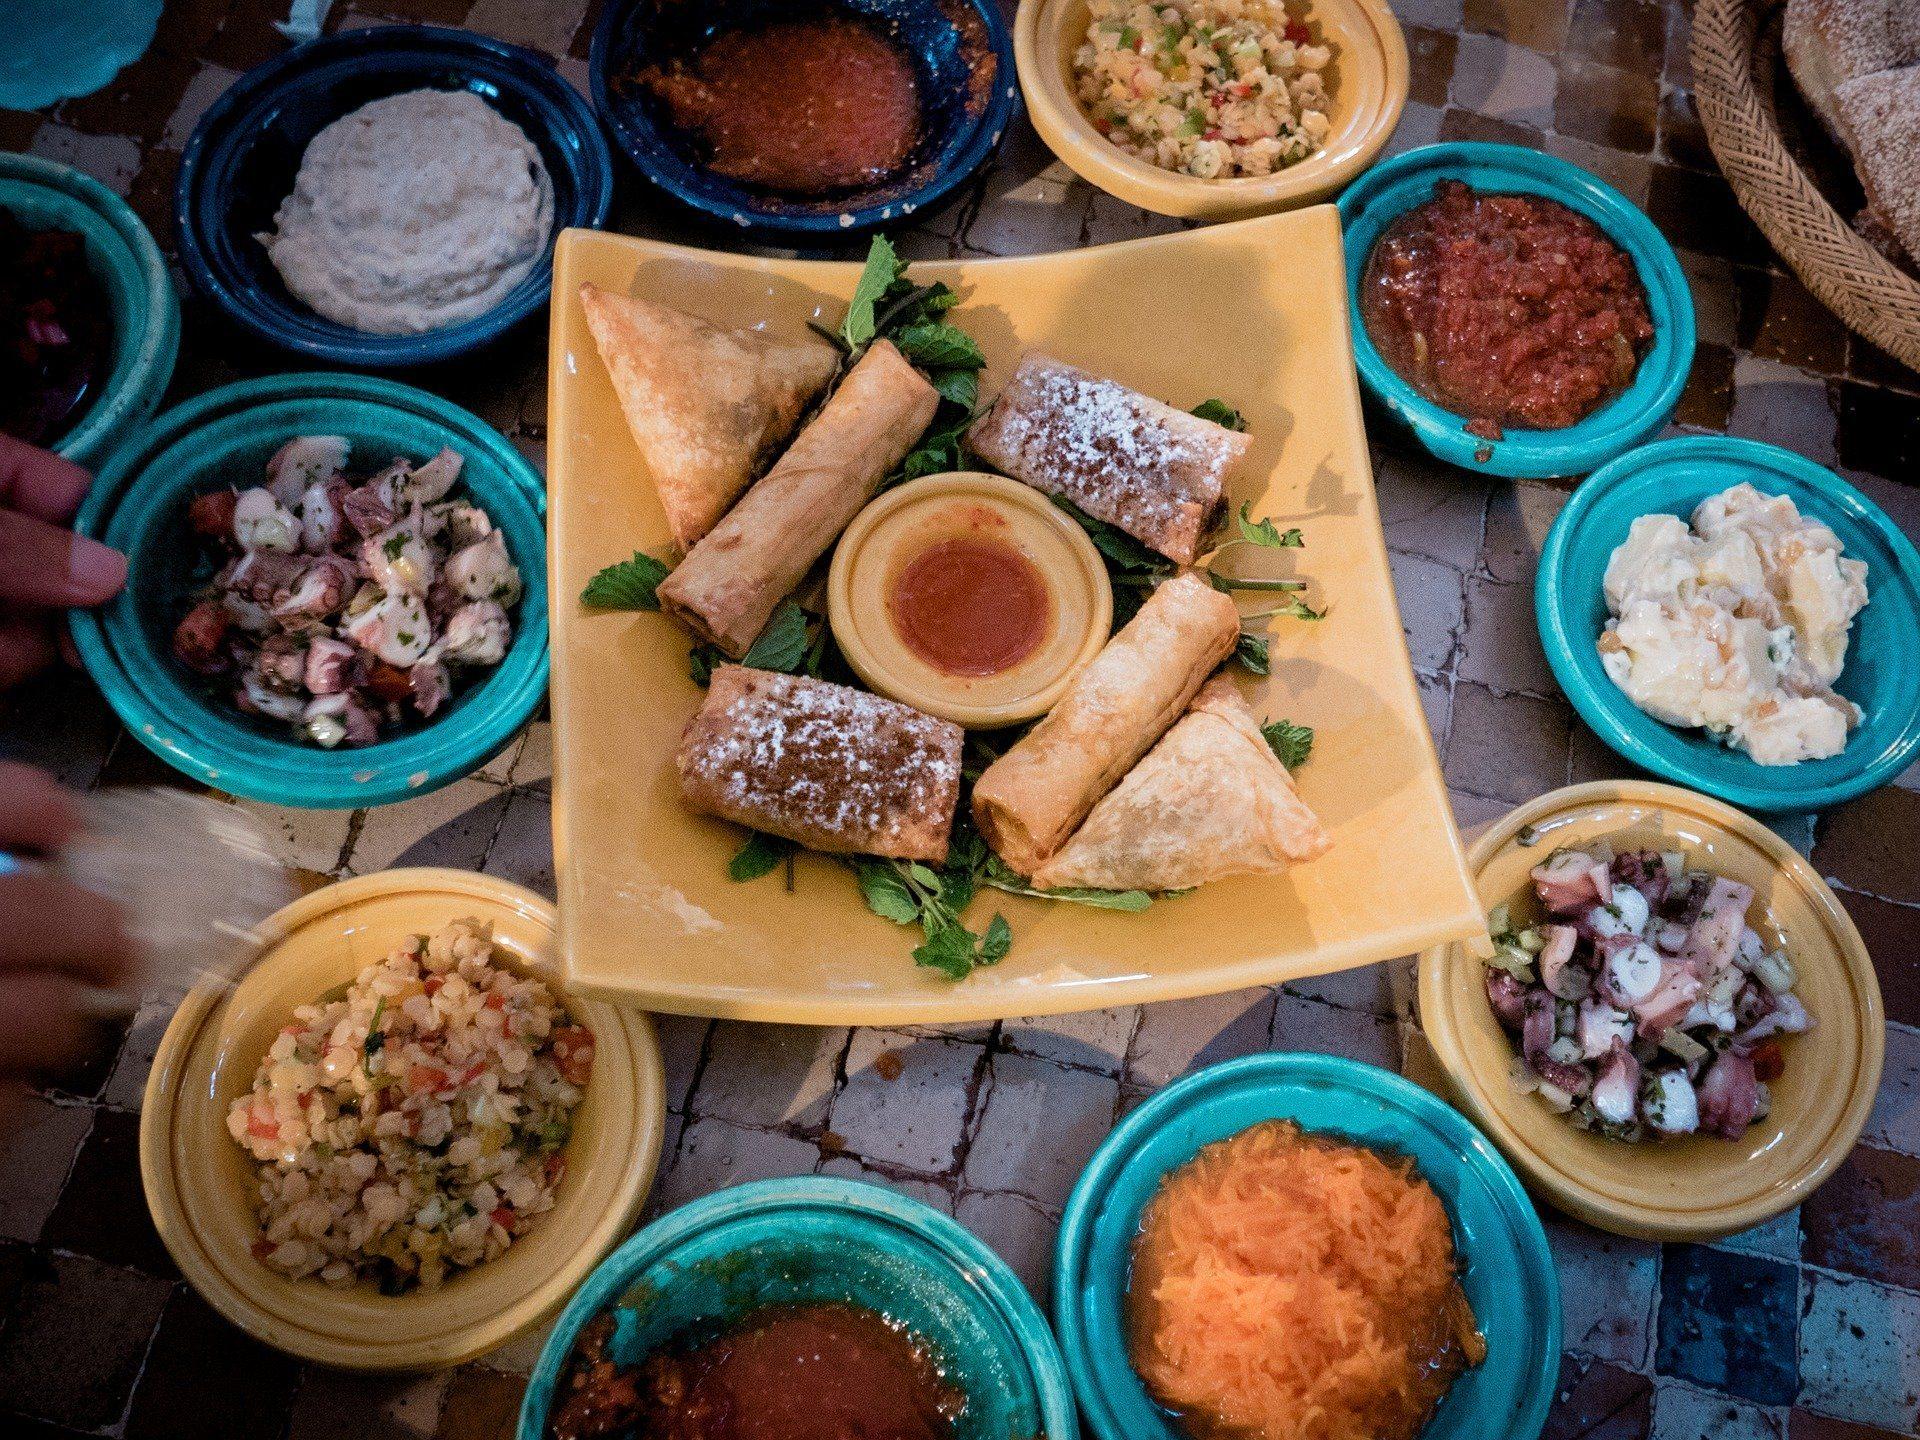 Food in Casablanca Photo TheUjulala on Pixabay